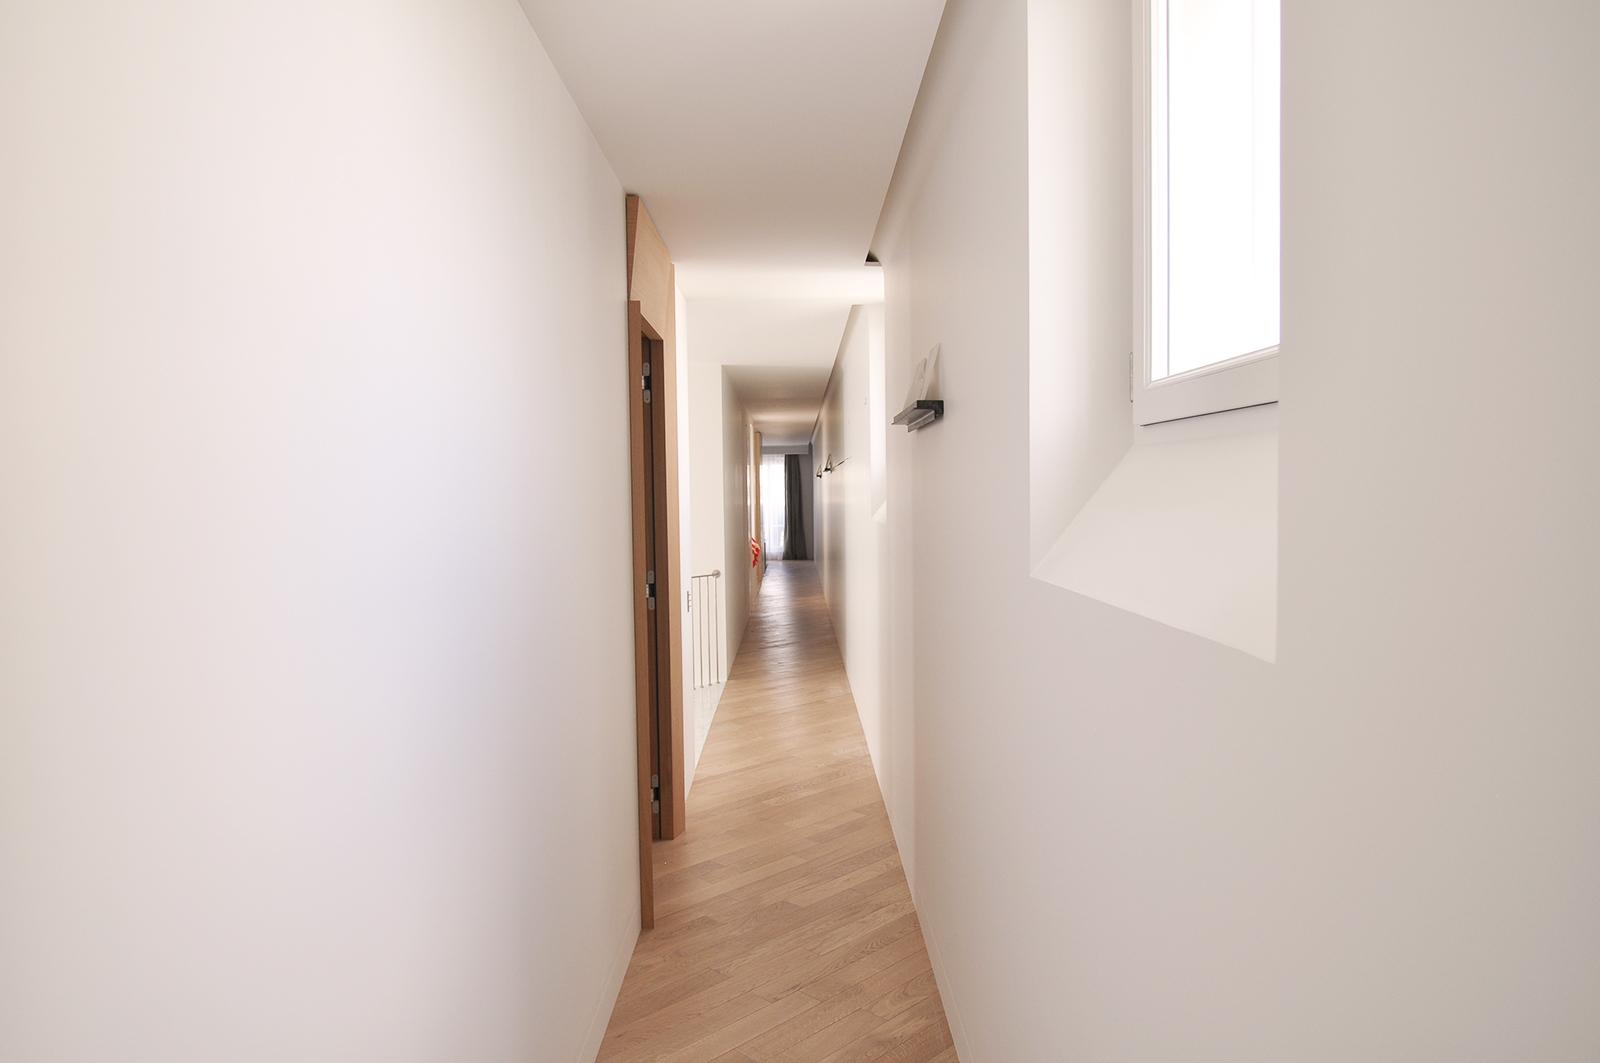 appartement en triplex paris 75 ccarchitecte. Black Bedroom Furniture Sets. Home Design Ideas